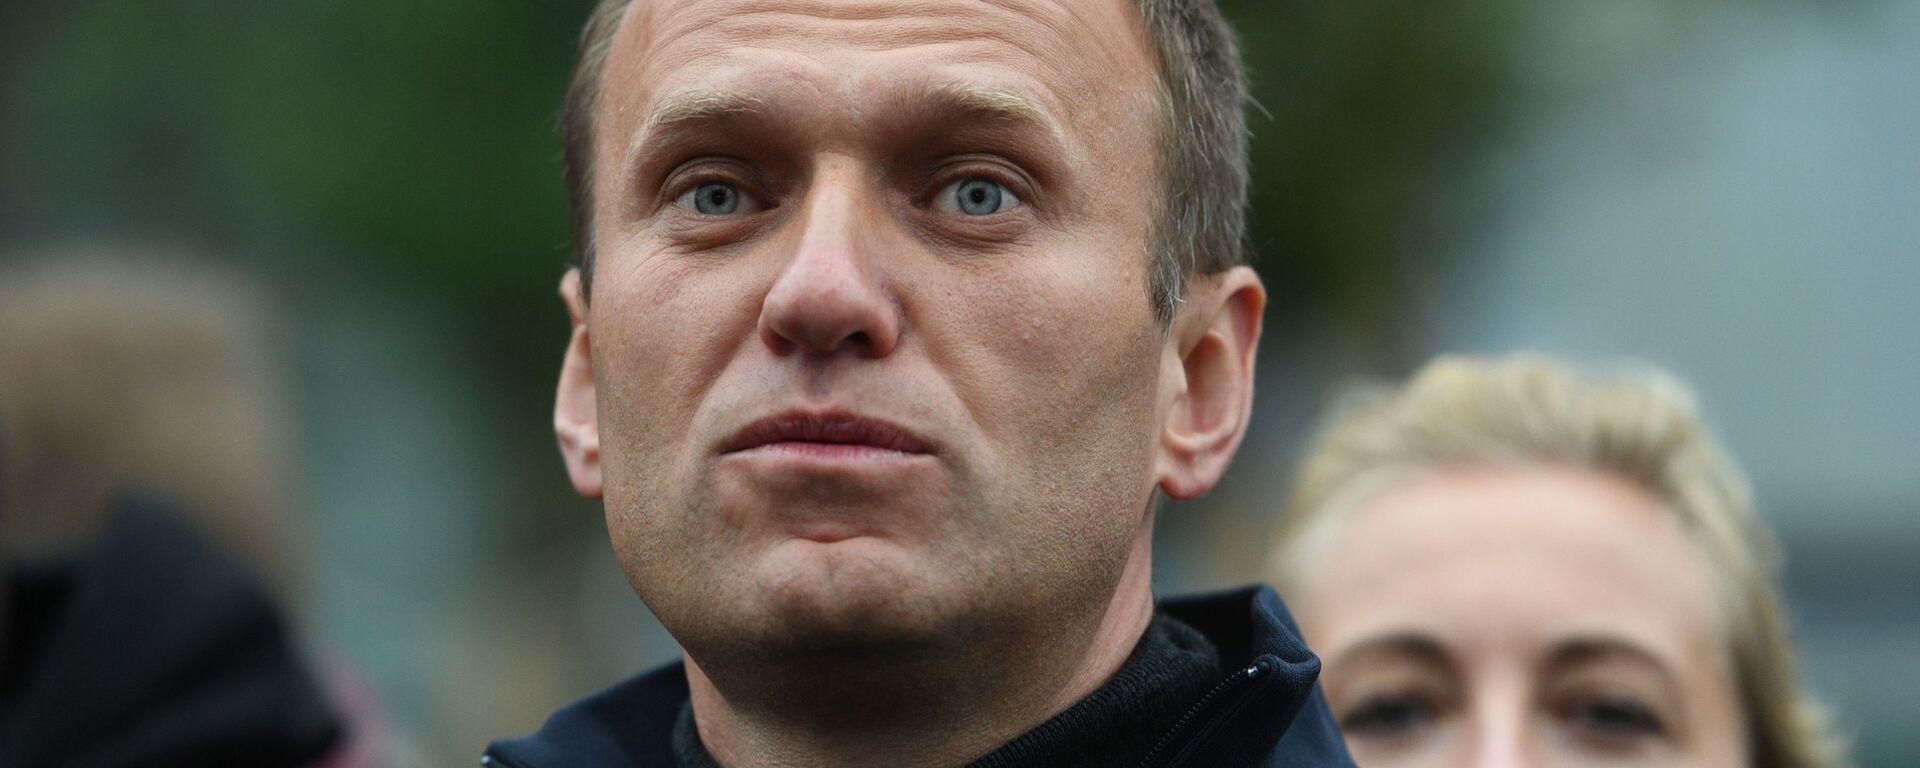 Алексей Навальный - Sputnik Тоҷикистон, 1920, 05.10.2020